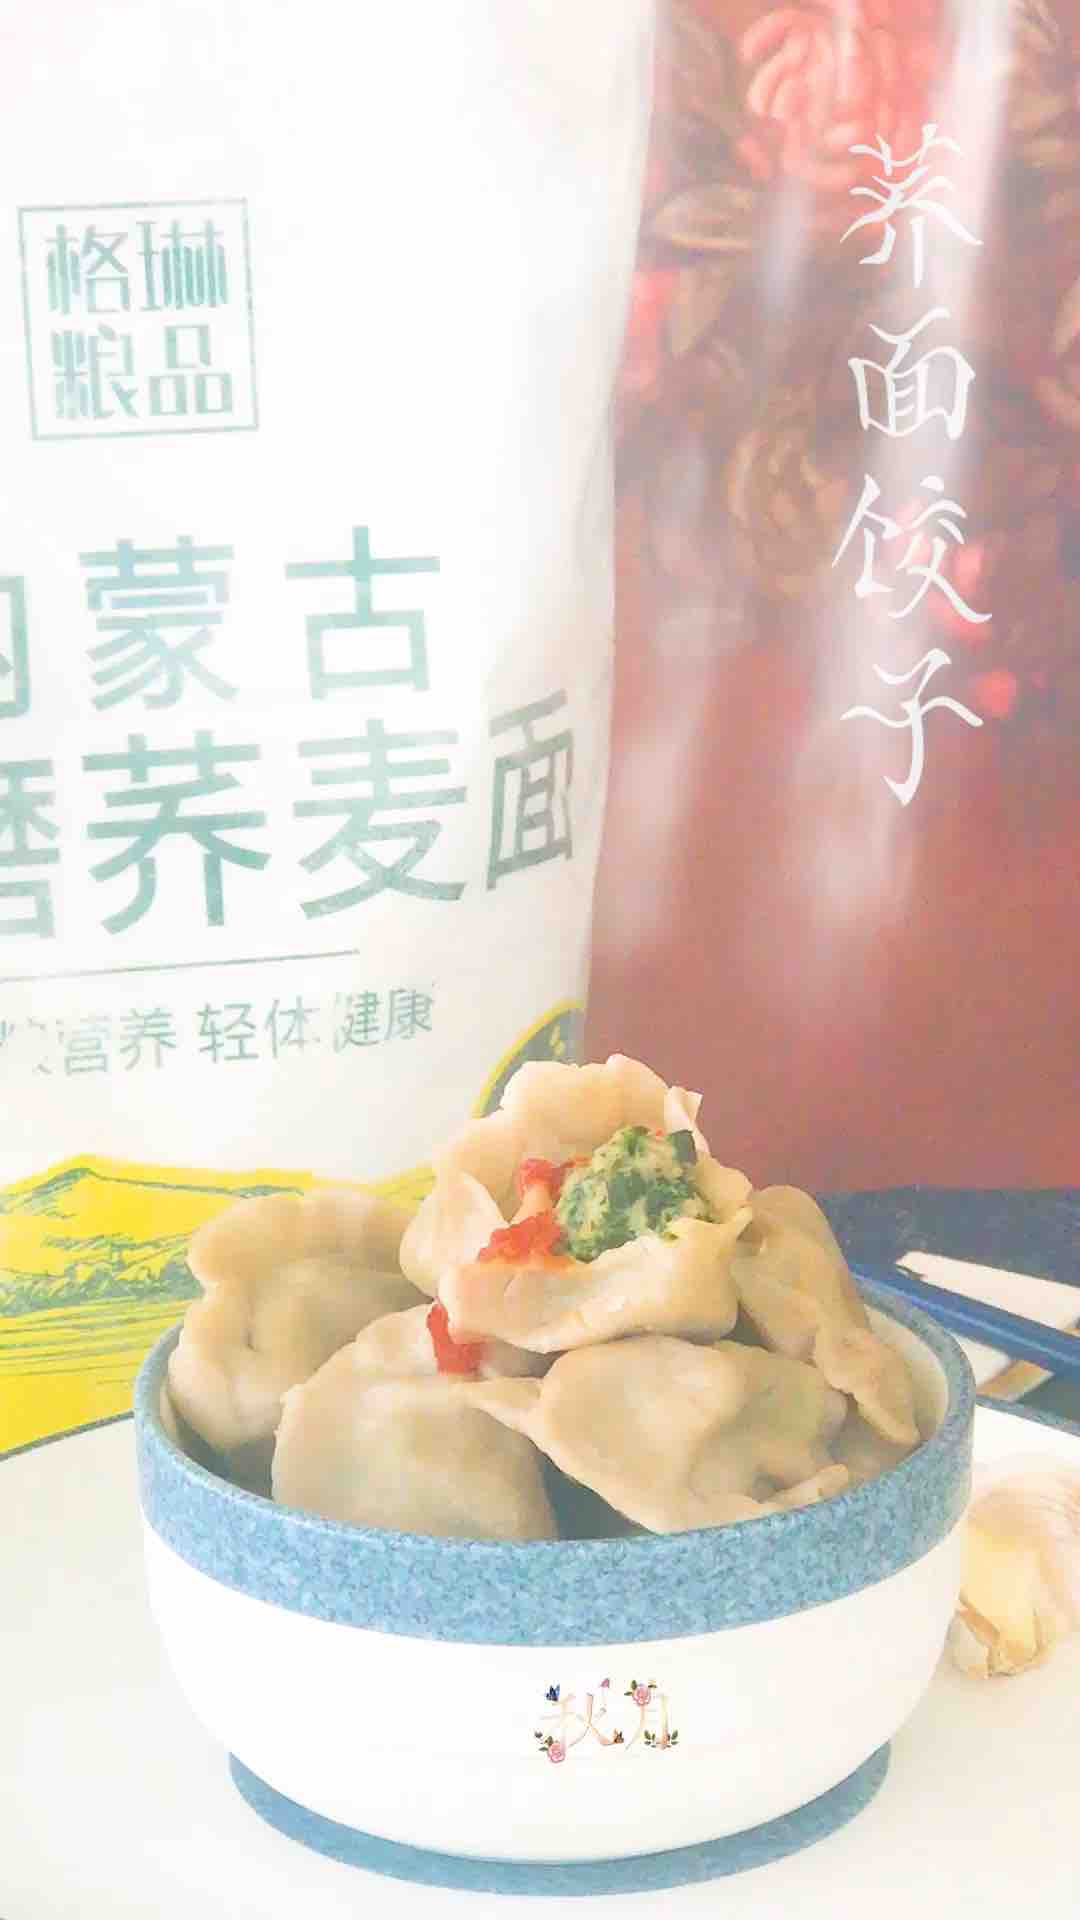 荞面荠菜馅饺子